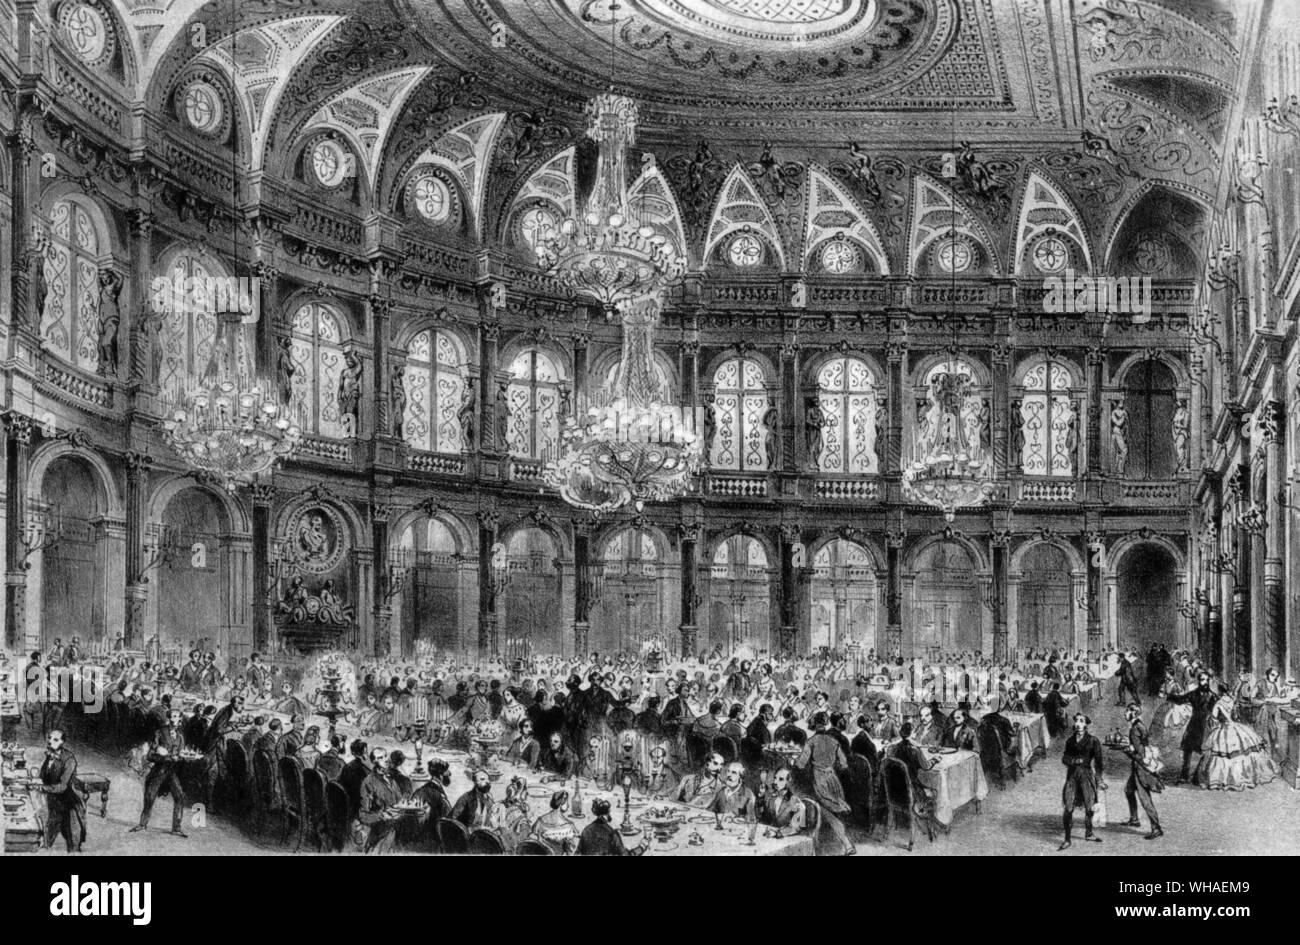 Salle A Manger Paris la salle à manger du grand hôtel paris construit sous le